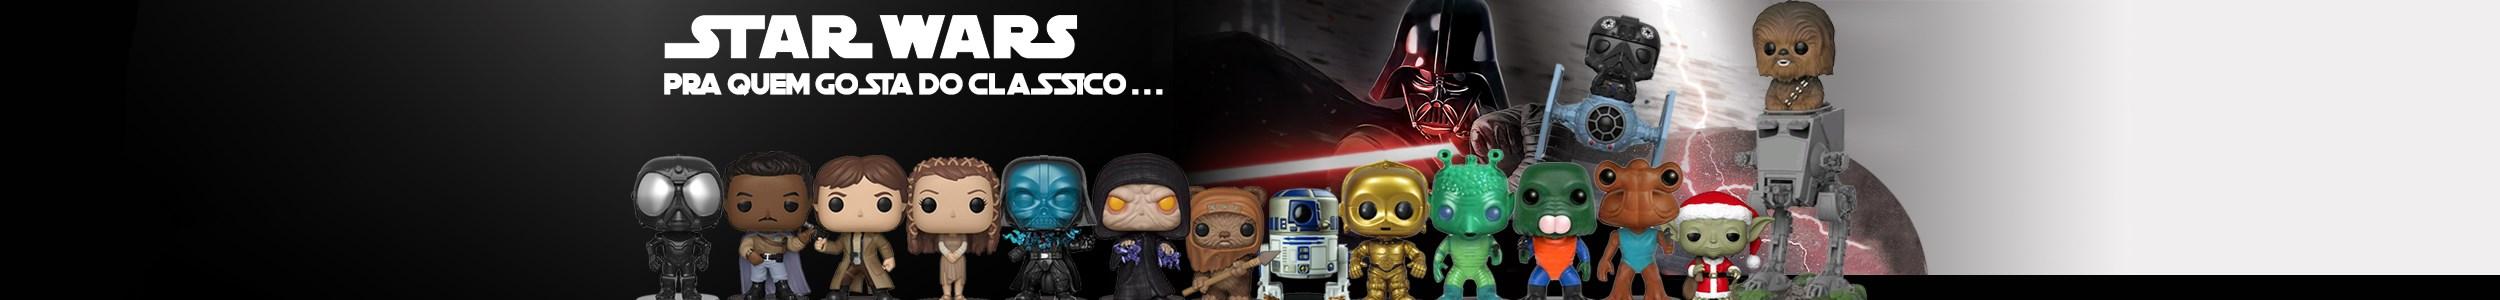 Star Wars Clássico